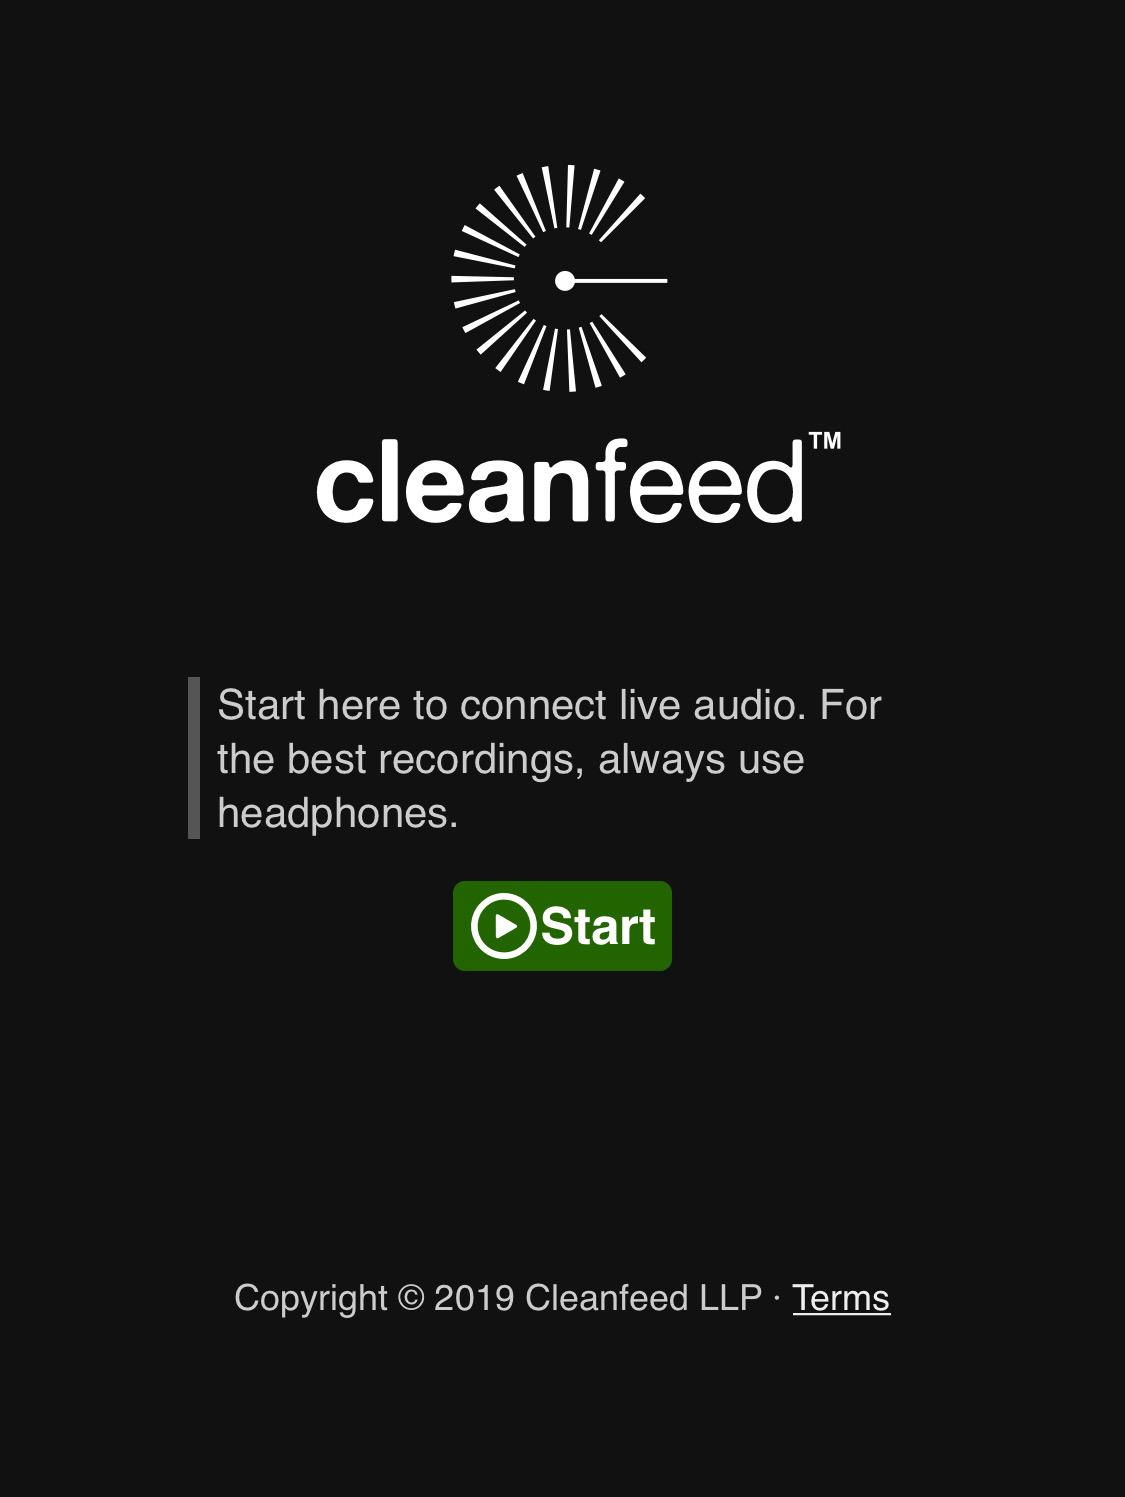 cleanfeed-2.jpeg